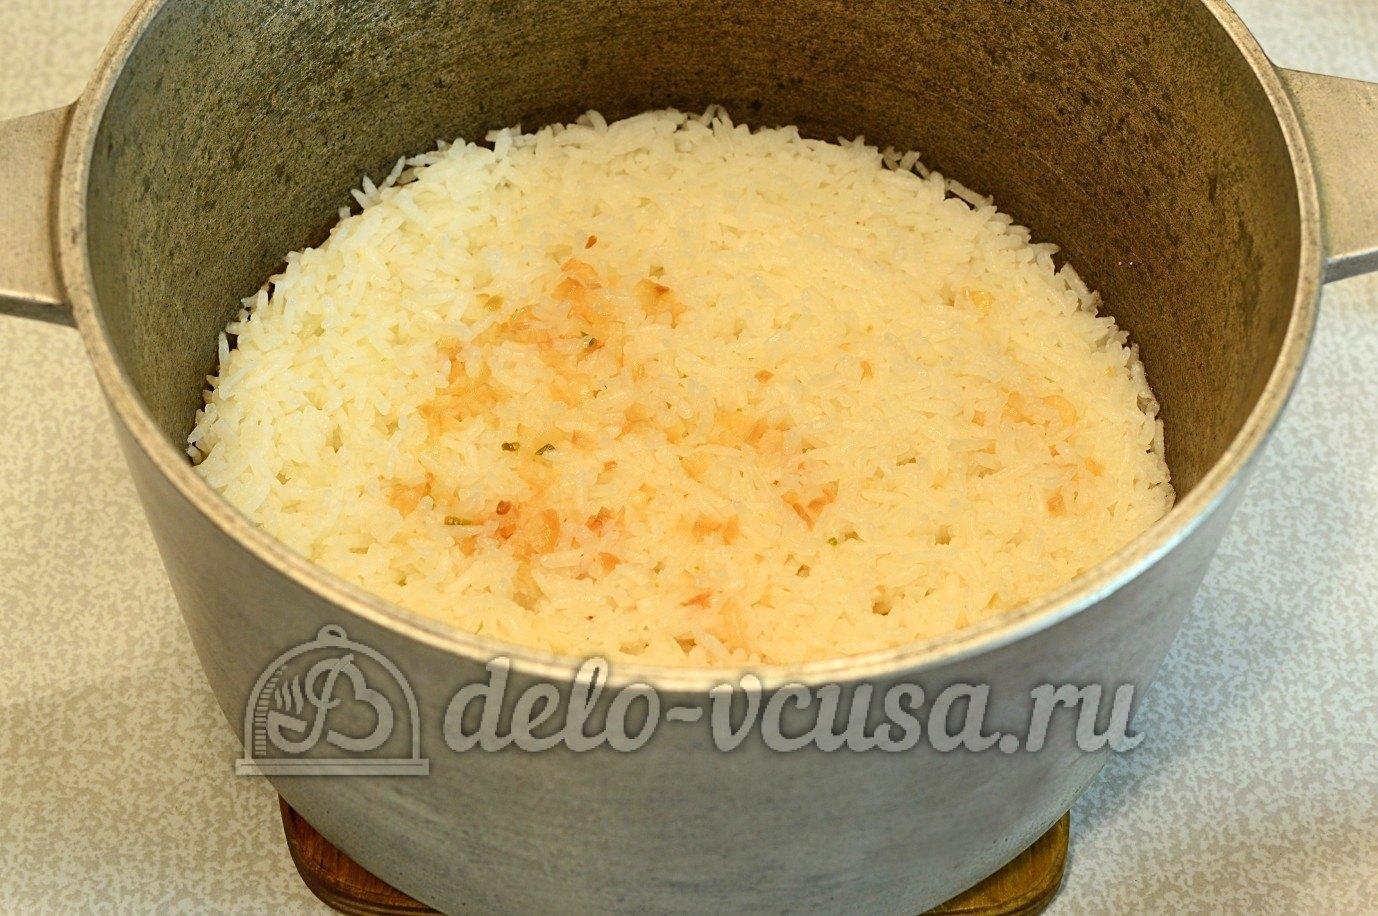 Куриное филе с рисом в духовке рецепт пошагово с